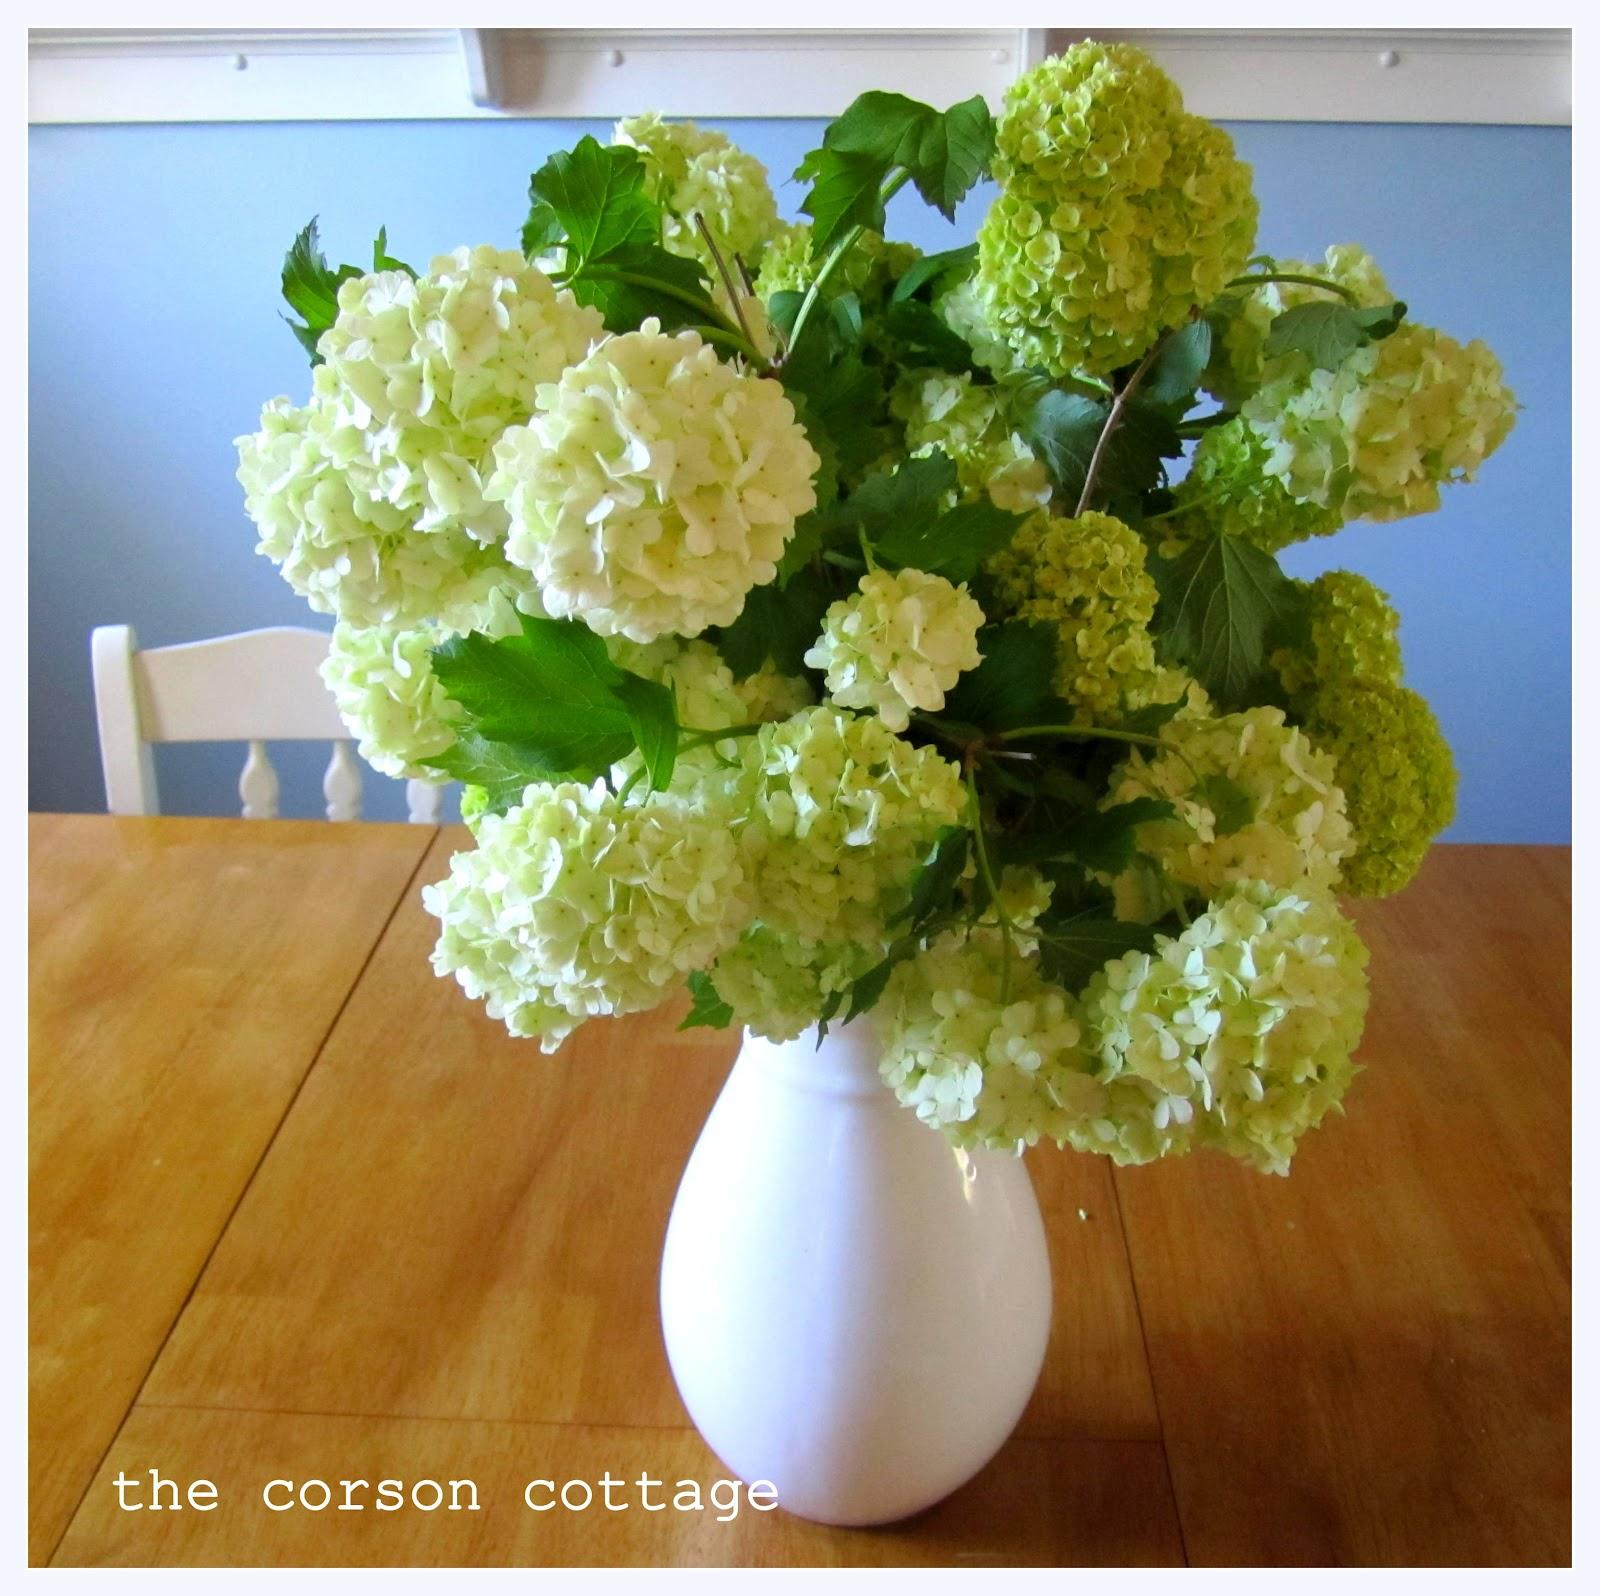 The corson cottage april